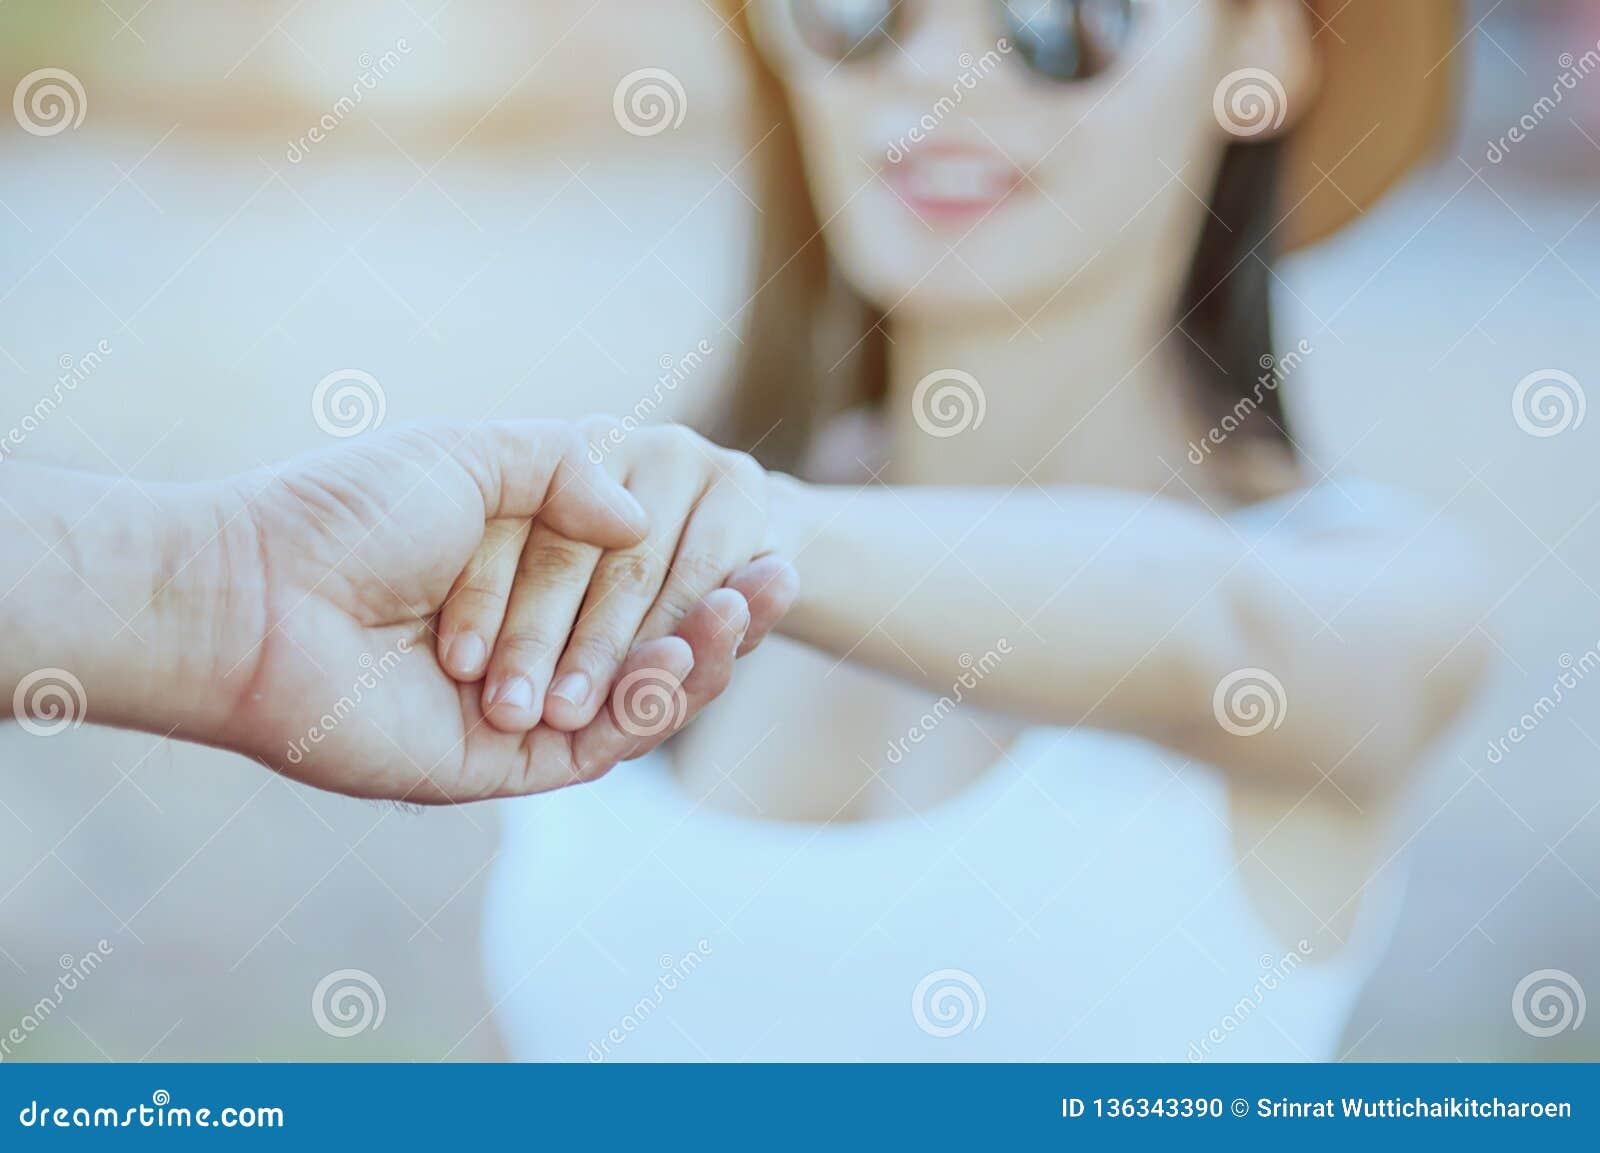 Foco suave de la tenencia de la mano